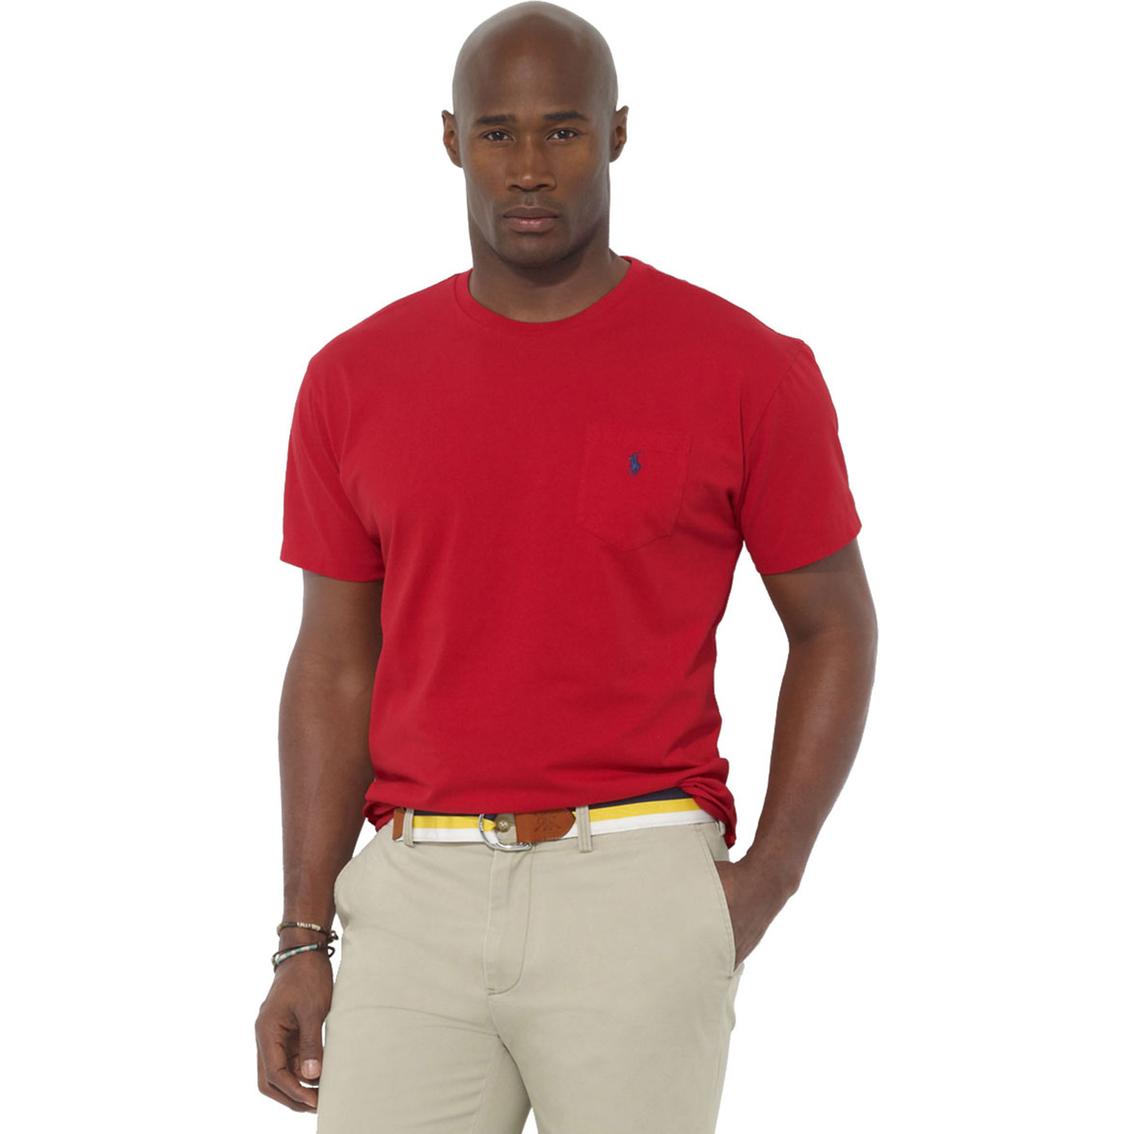 Polo ralph lauren big tall pocket crewneck tee shirts for Big and tall polo shirts with pockets